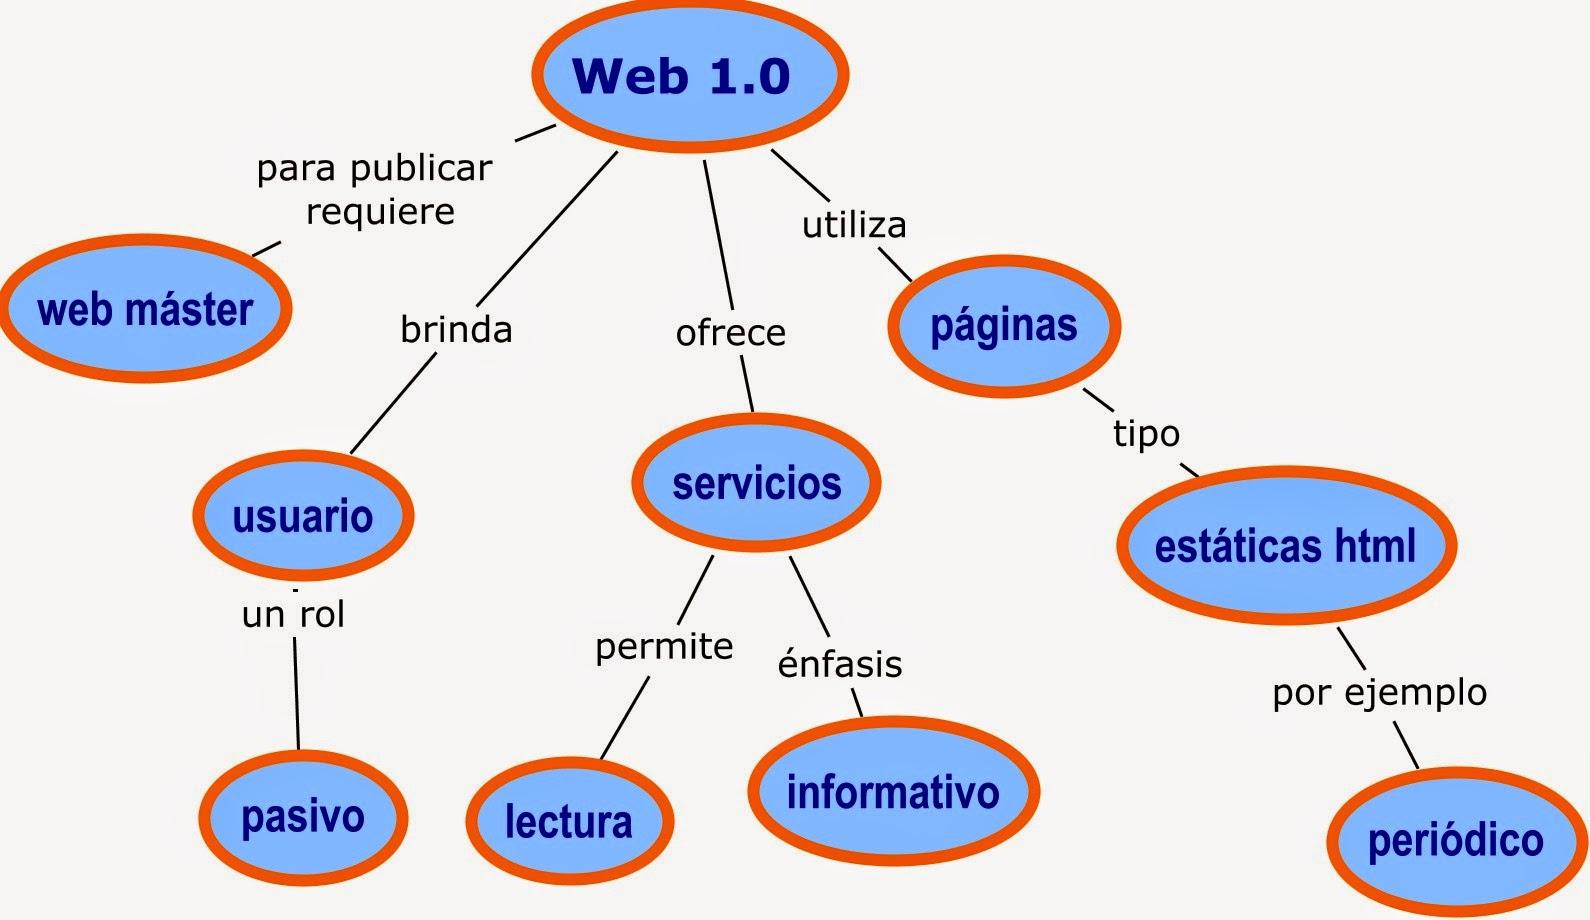 Web-1.0.jpg